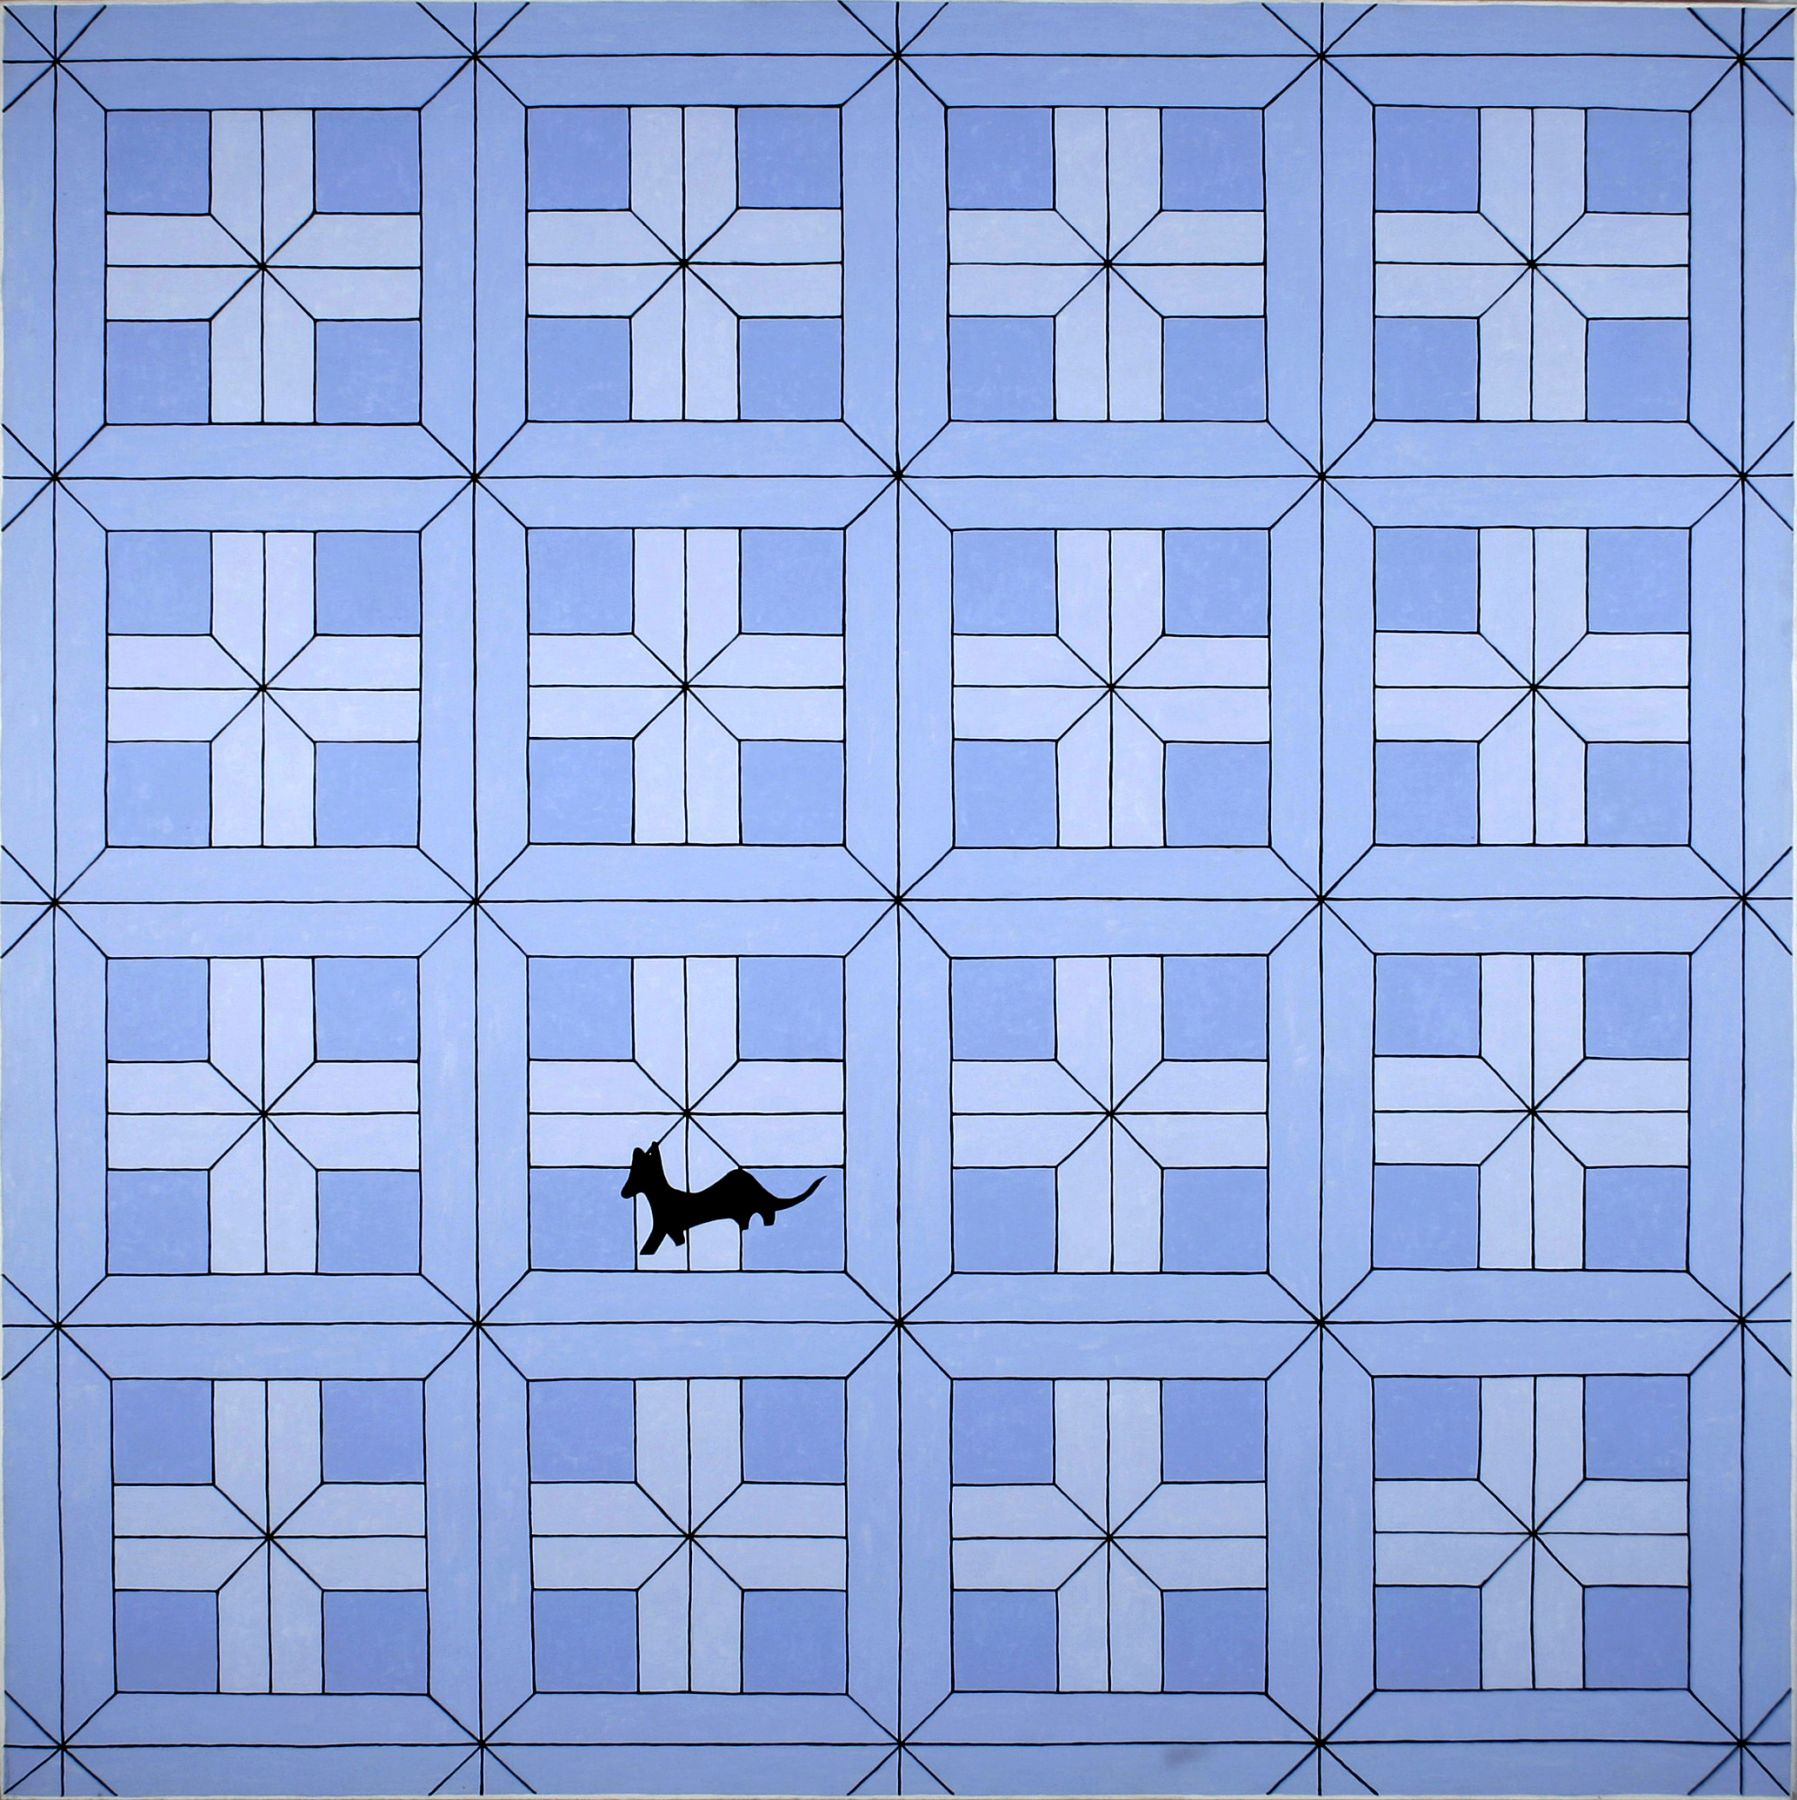 JOHN WESLEY, Alice's Floor,1990